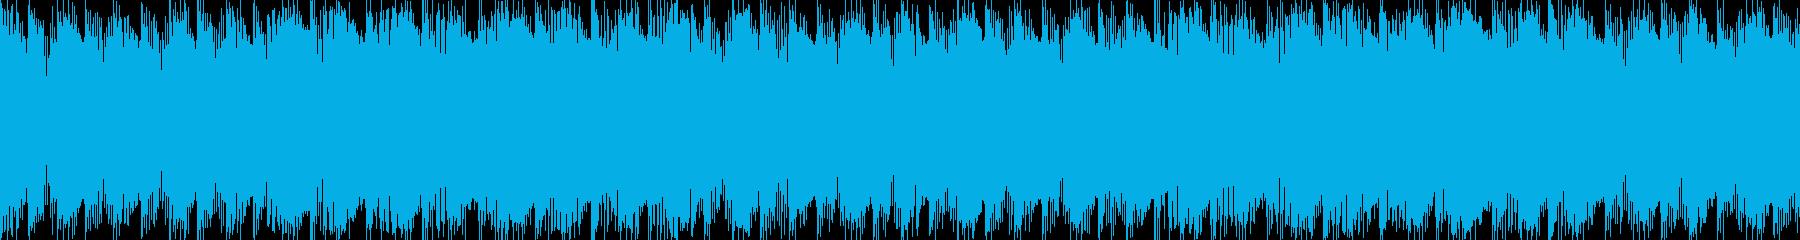 どこか懐かしい4ツ打ちリズムサウンドの再生済みの波形